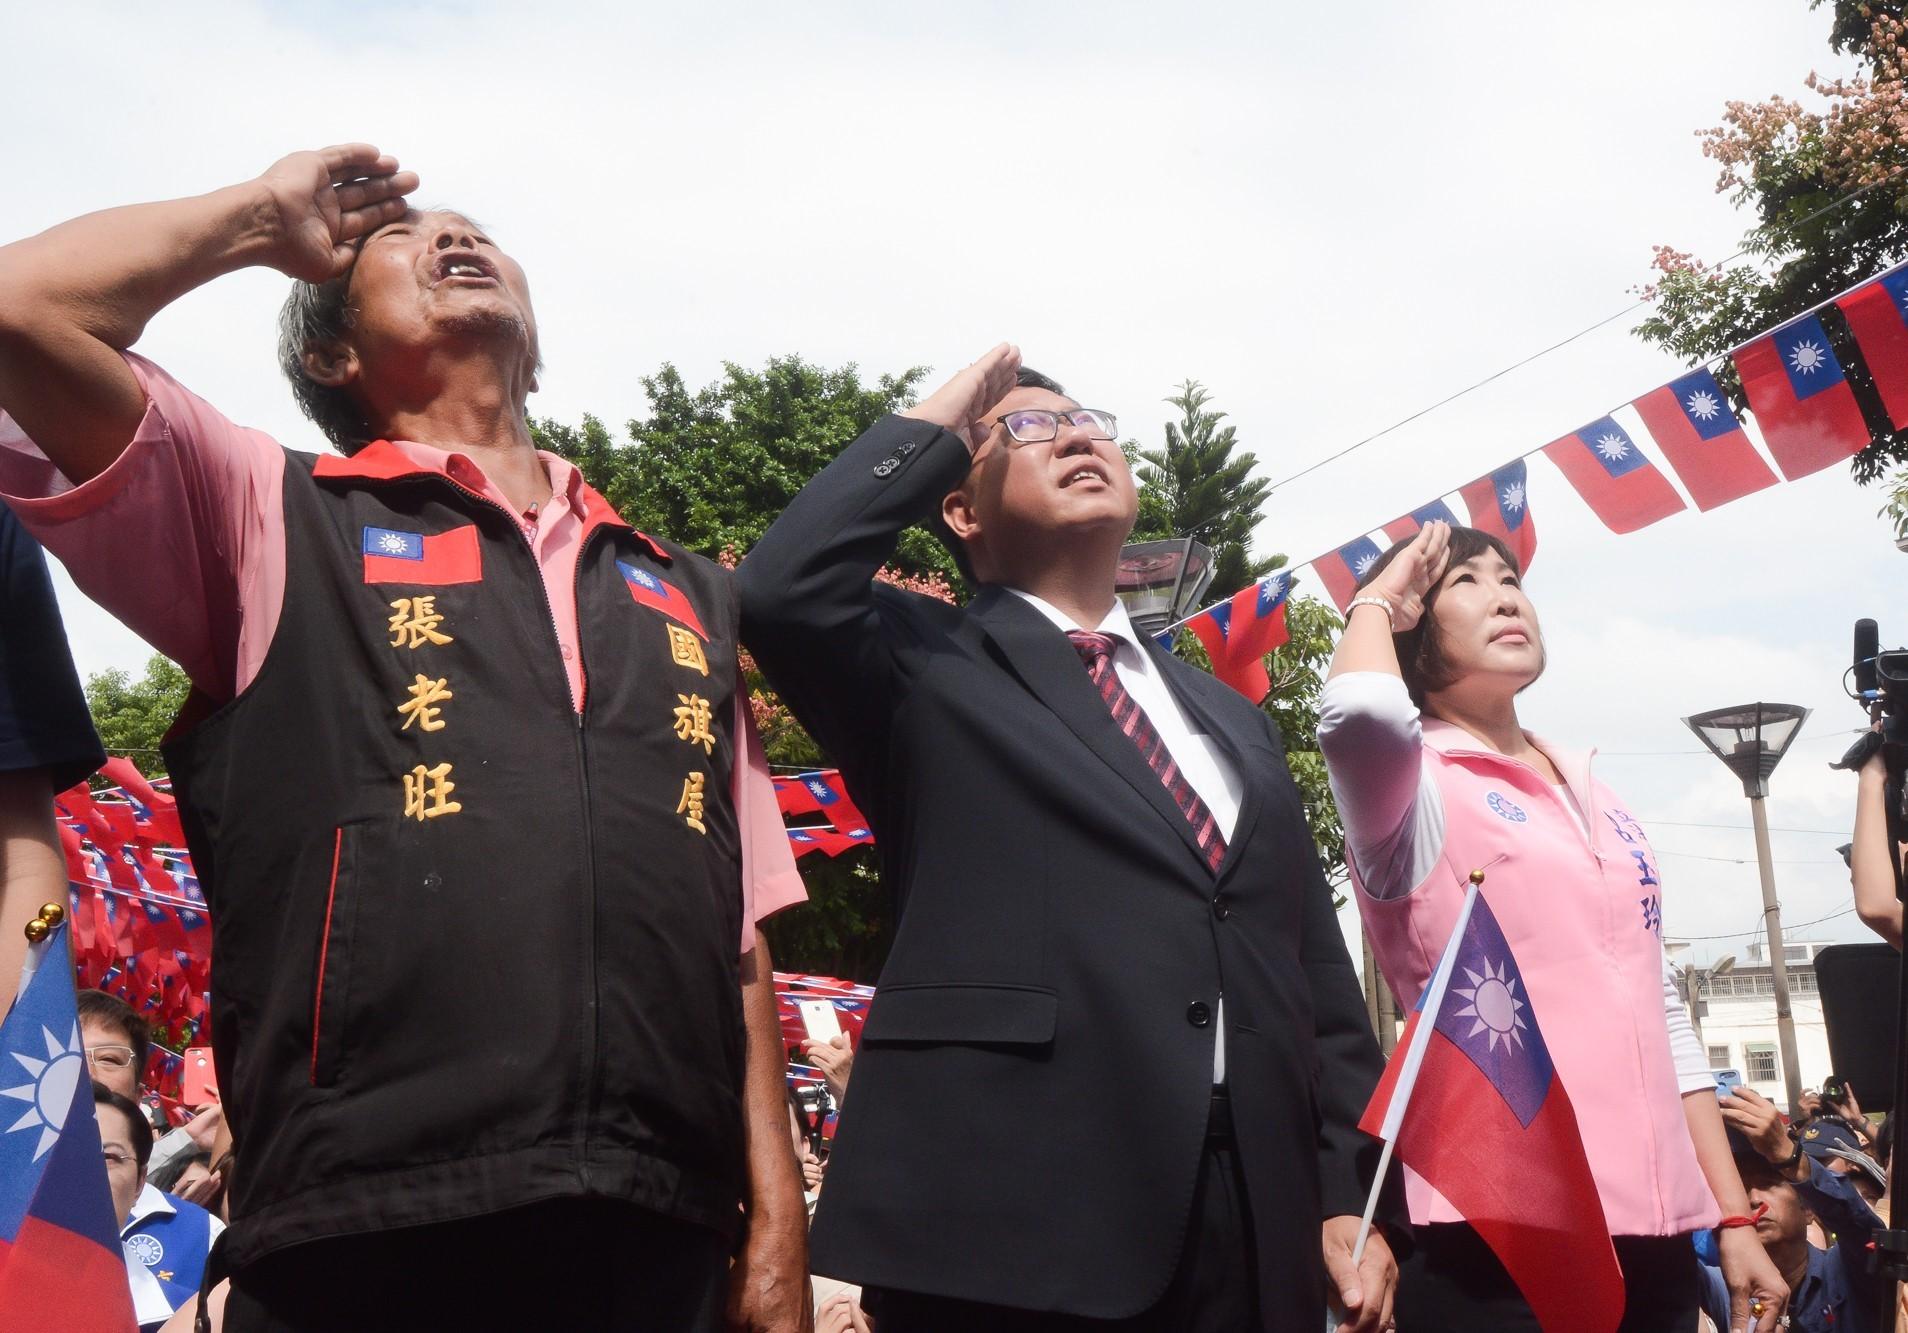 市長和國旗屋主人向國旗致敬